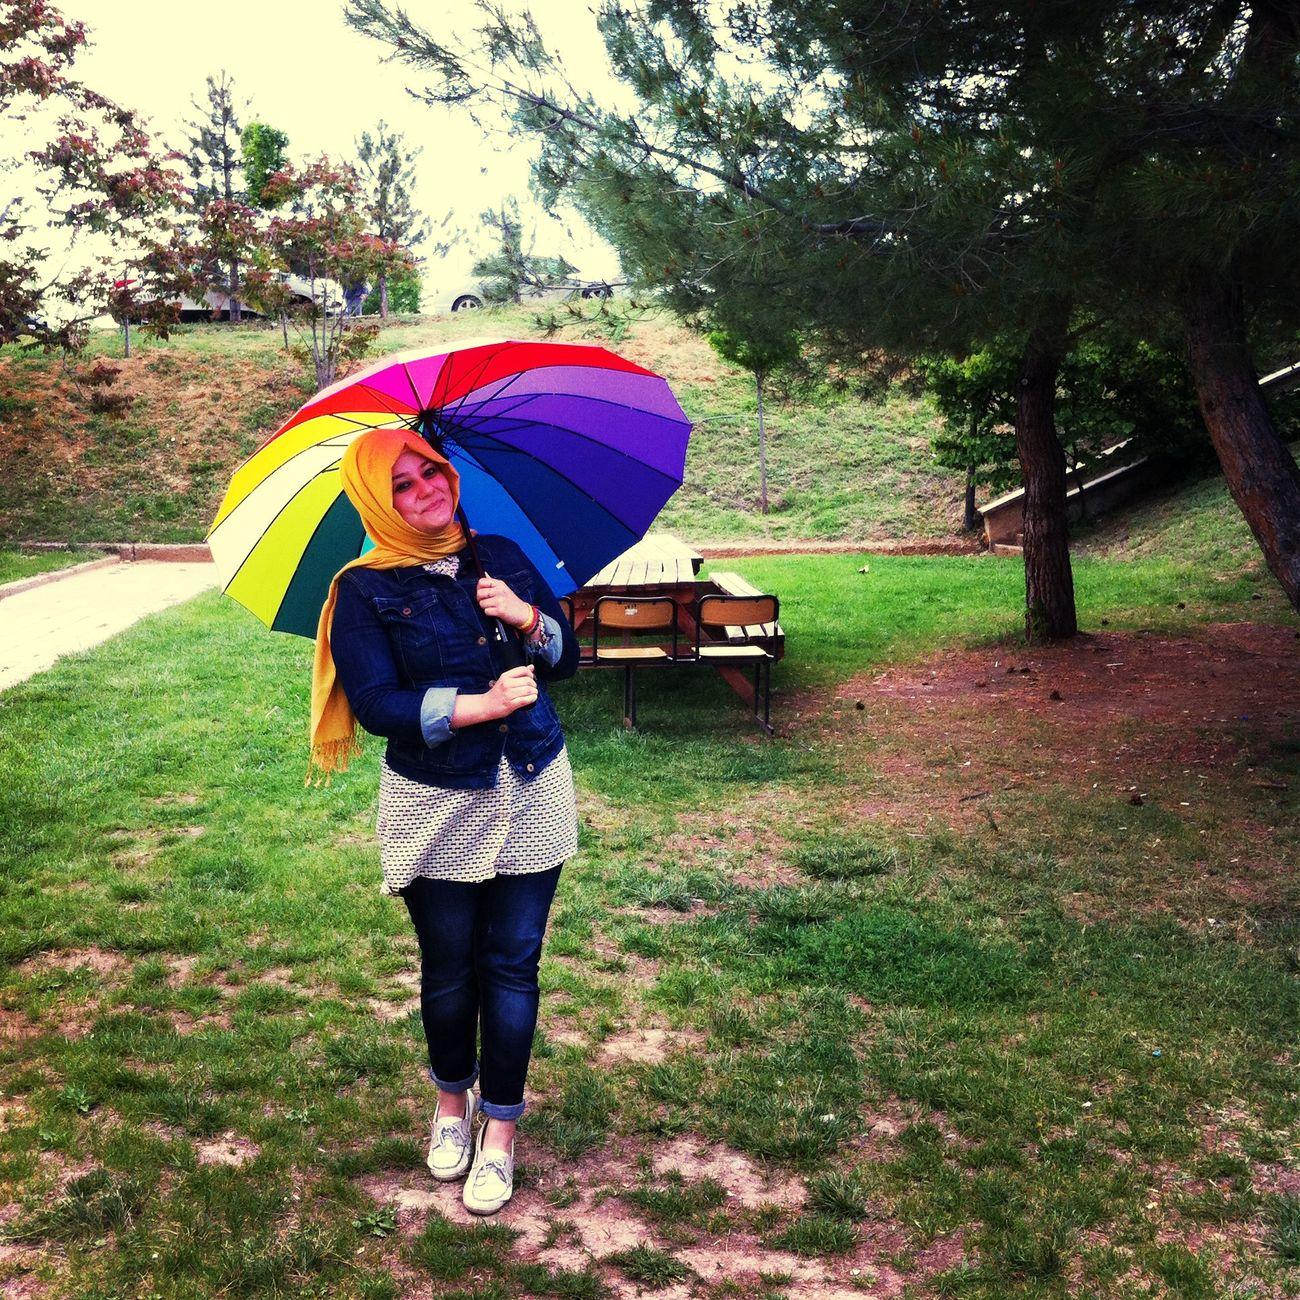 Bu şemsiye kadar renkli bir ruh halim olabilirdi, olmadı. Umbrella Hello In University ✌️